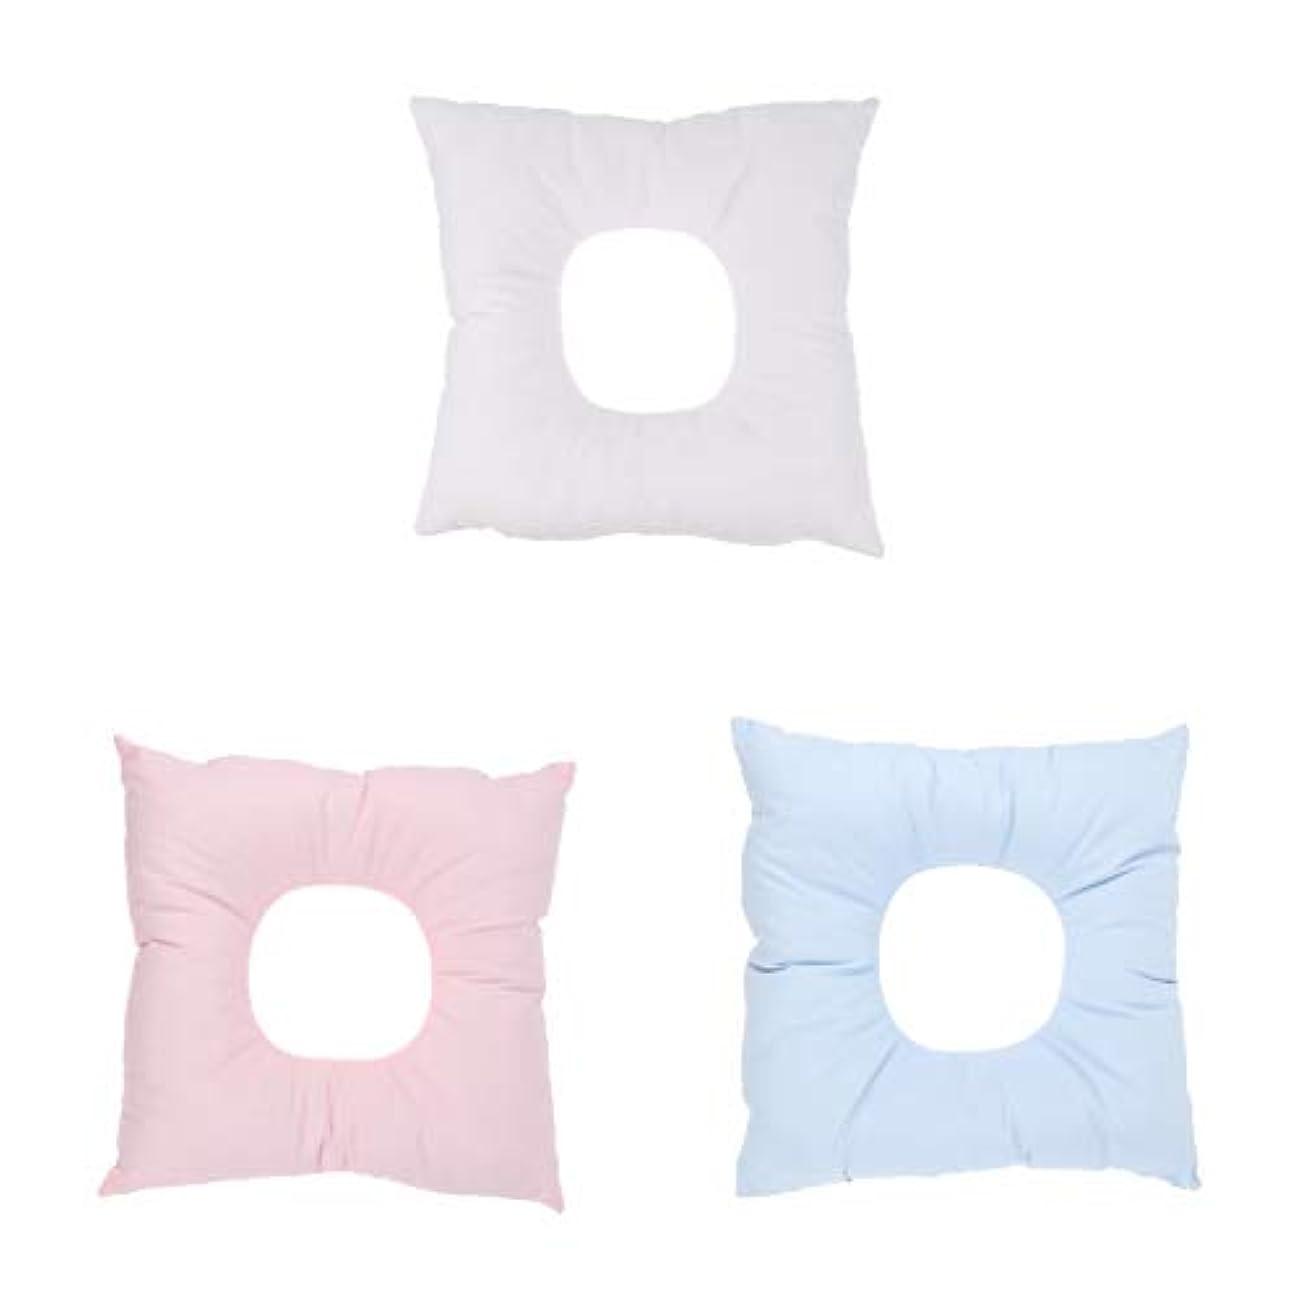 空中のベンチャー顔マクラ マッサージ枕 顔枕 クッション ソフトフォーム サロン スパ マッサージ用 快適 3個入